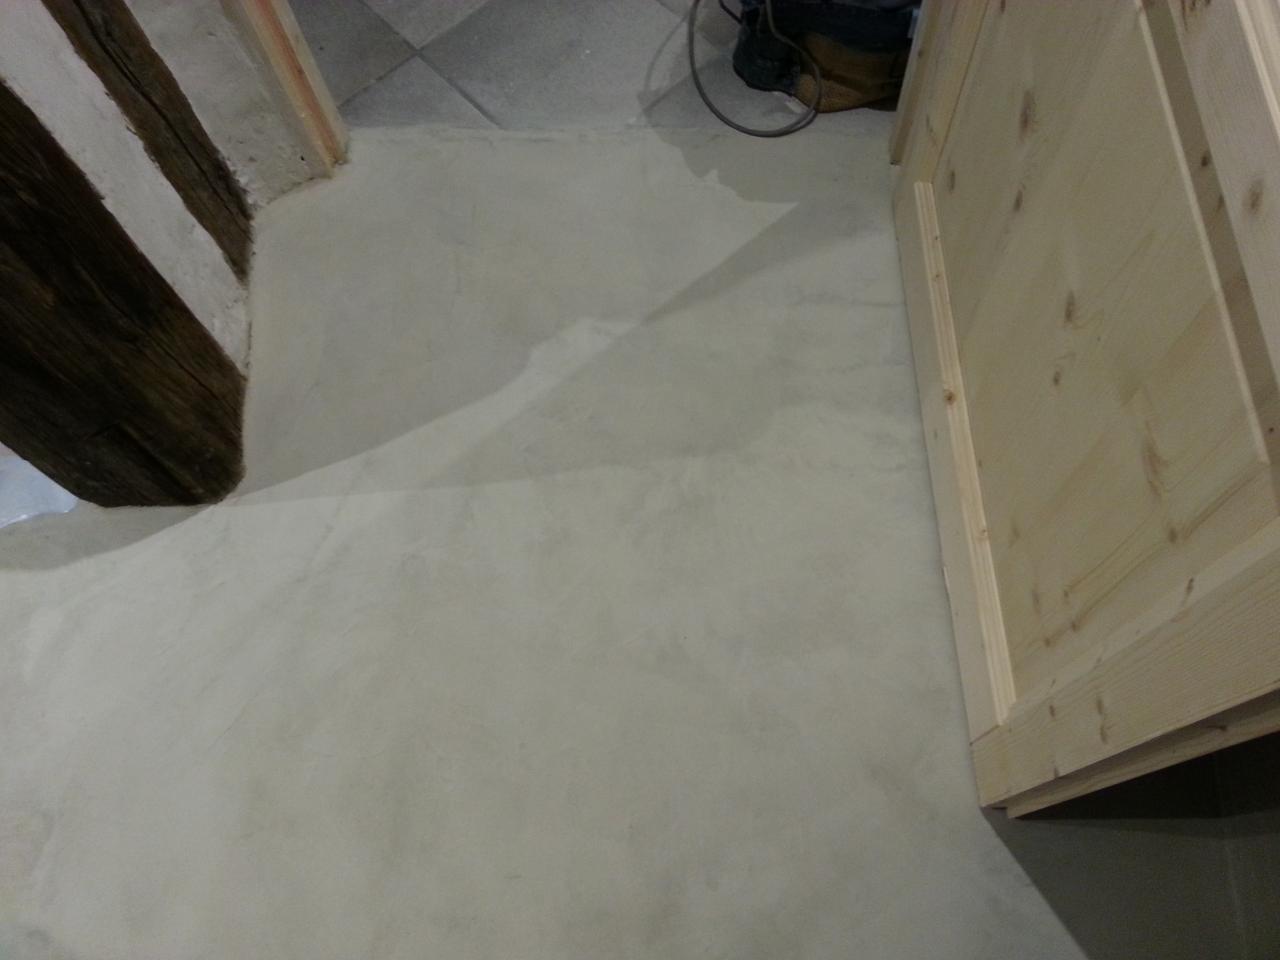 b ton cir enduits chaux terre argile page 4 4. Black Bedroom Furniture Sets. Home Design Ideas